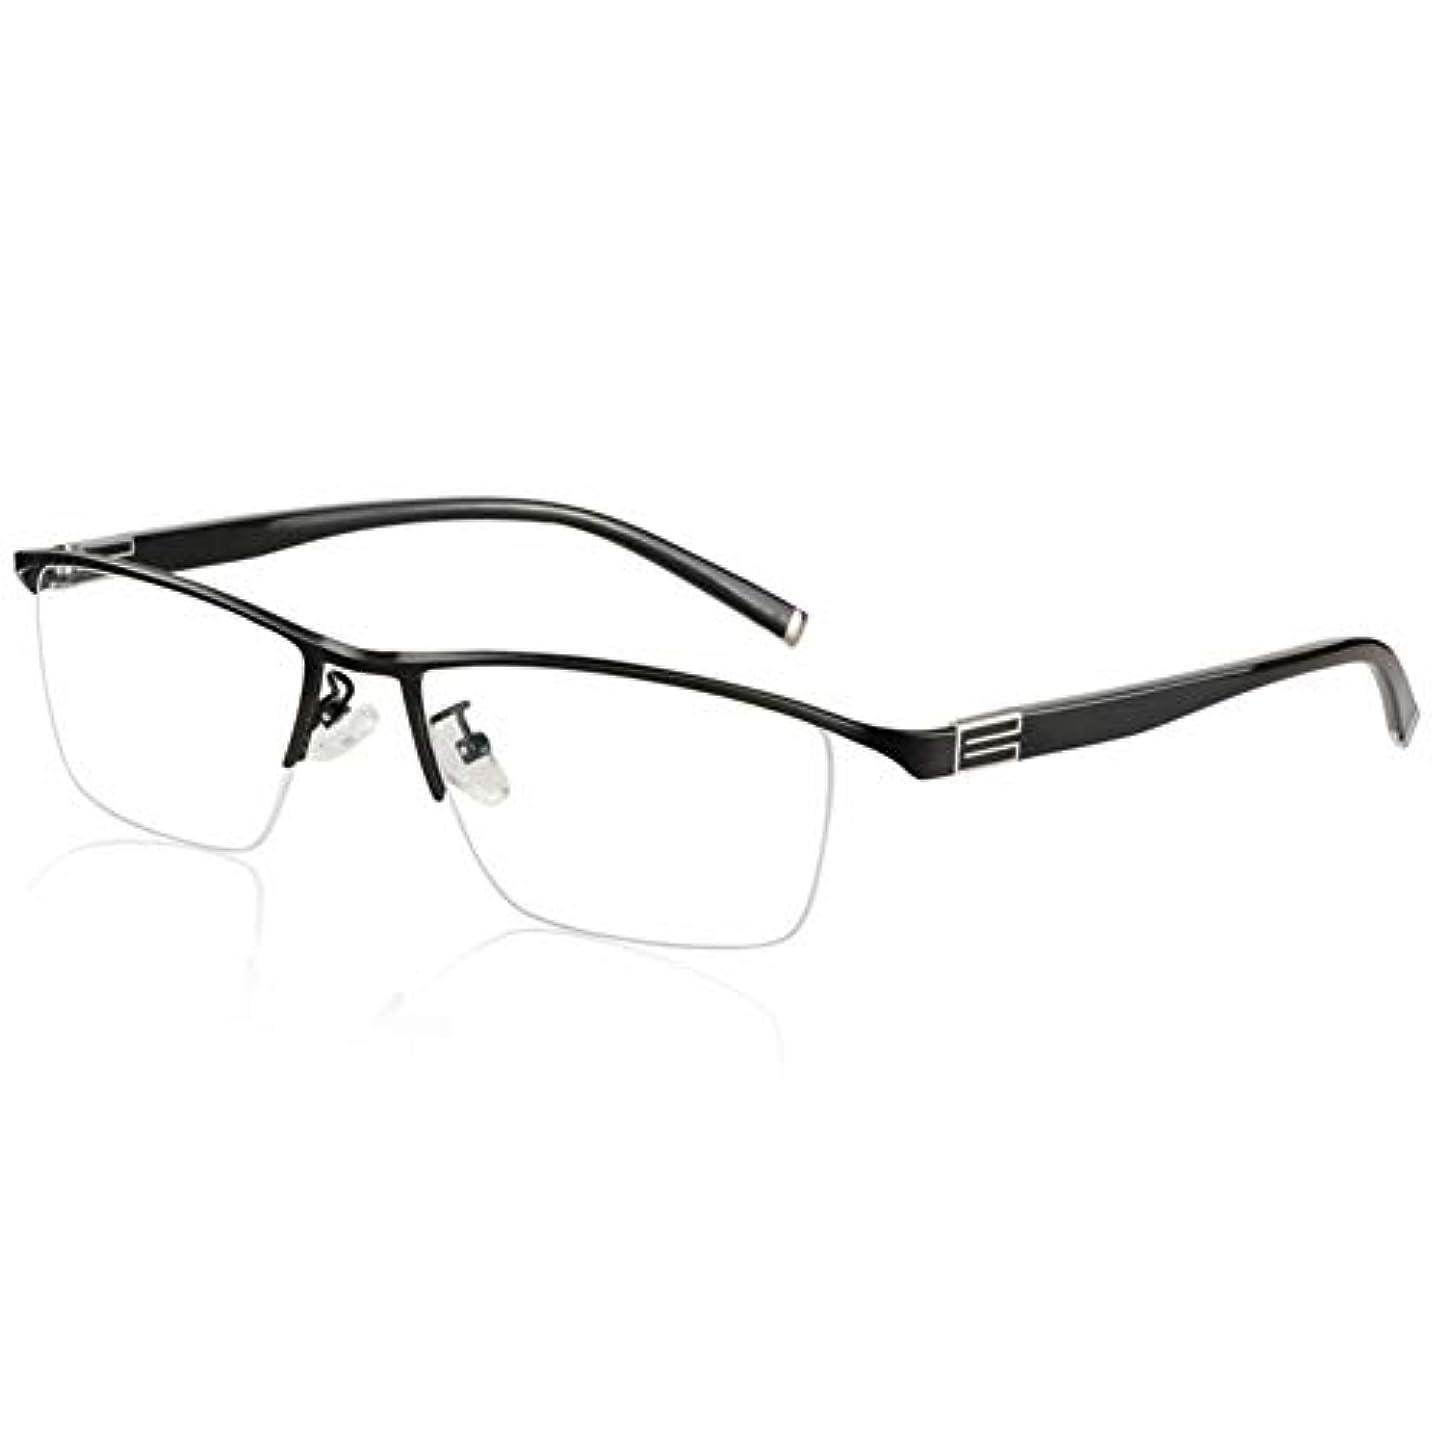 ひどく失敗気がついて老眼鏡、男性と女性のための、ハーフフレーム折りたたみ式スプリングヒンジパターン、二重用途に近い変色、